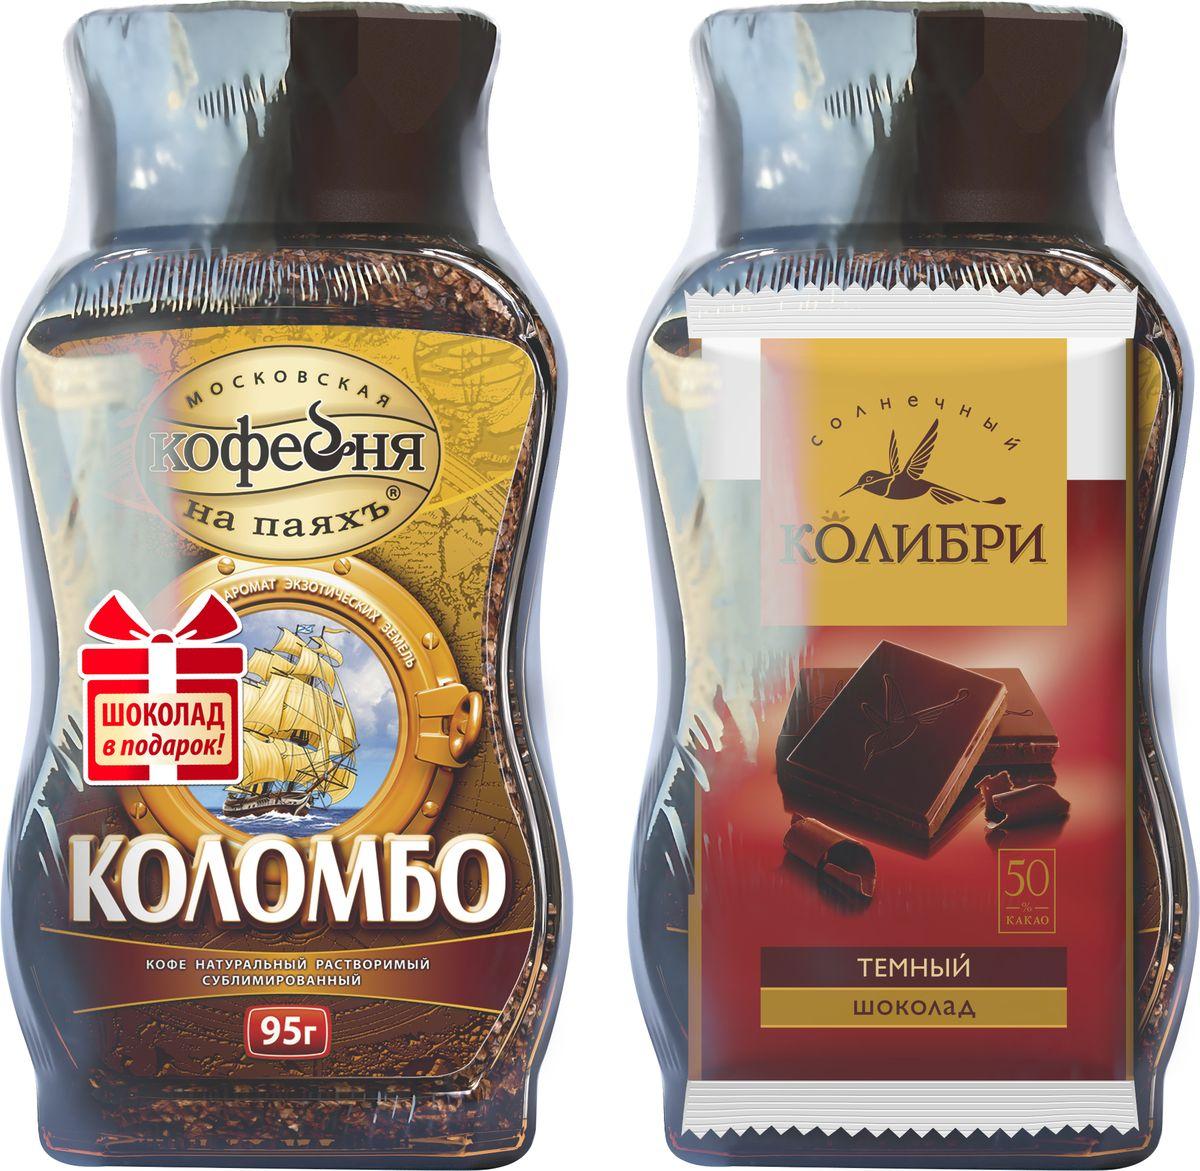 Московская кофейня на паяхъ Кофе сублимированный Коломбо банка, 95 г + Солнечный колибри шоколад тёмный, 35 г